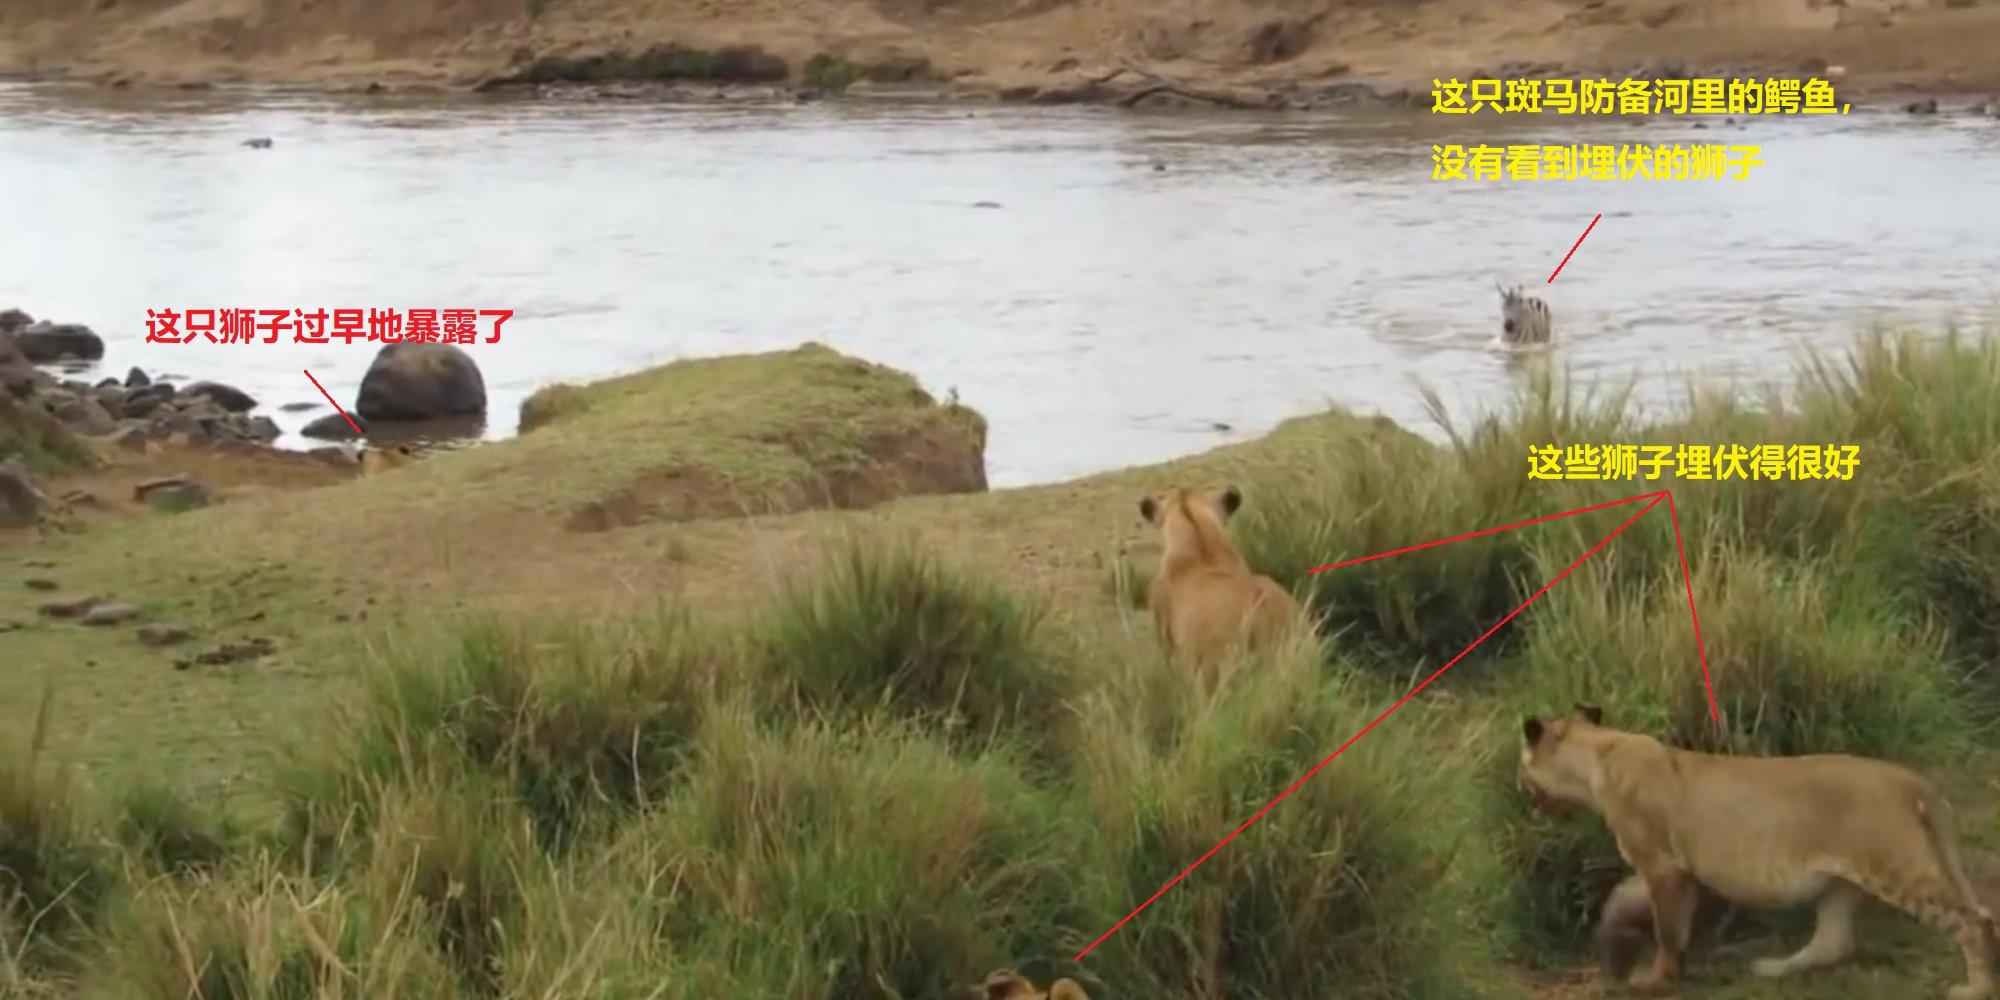 上图:东非,五只狮子正埋伏在草丛中,等待一只斑马渡过马赛马拉河(Maasai Mara)。